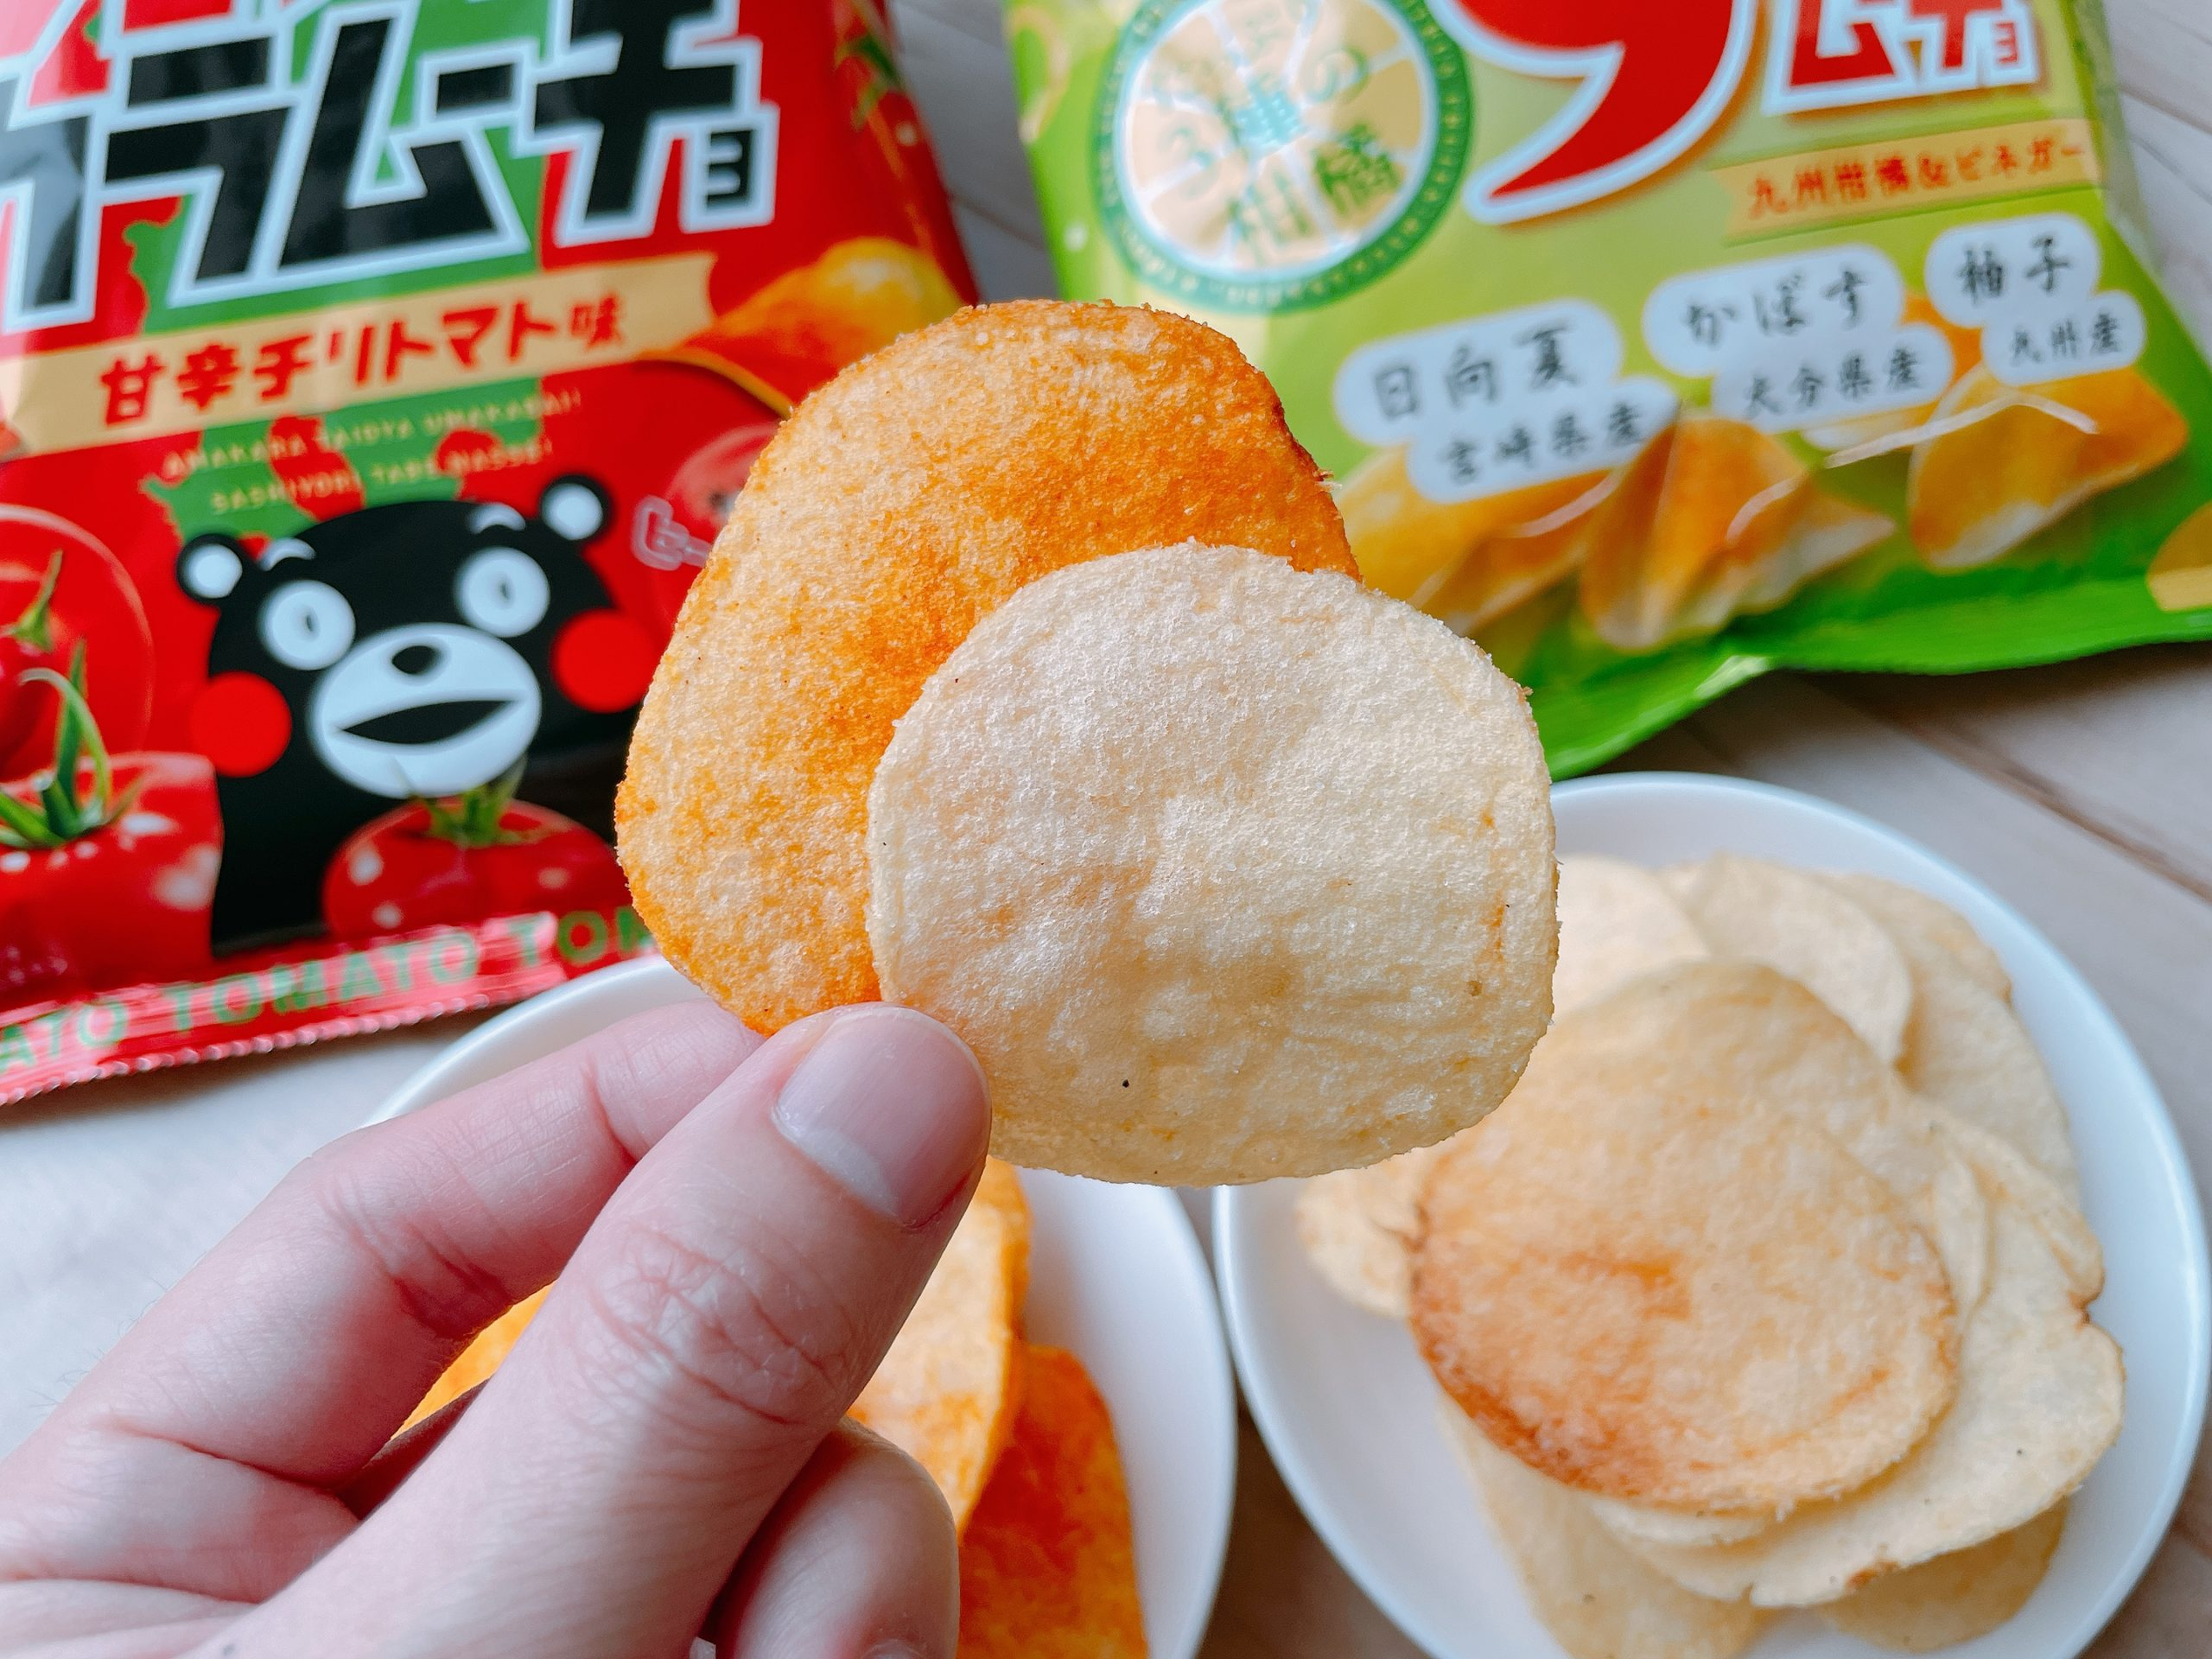 九州すっぱムーチョ<九州柑橘&ビネガー>と九州カラムーチョ<甘辛チリトマト>同時に食べたらどうなる?